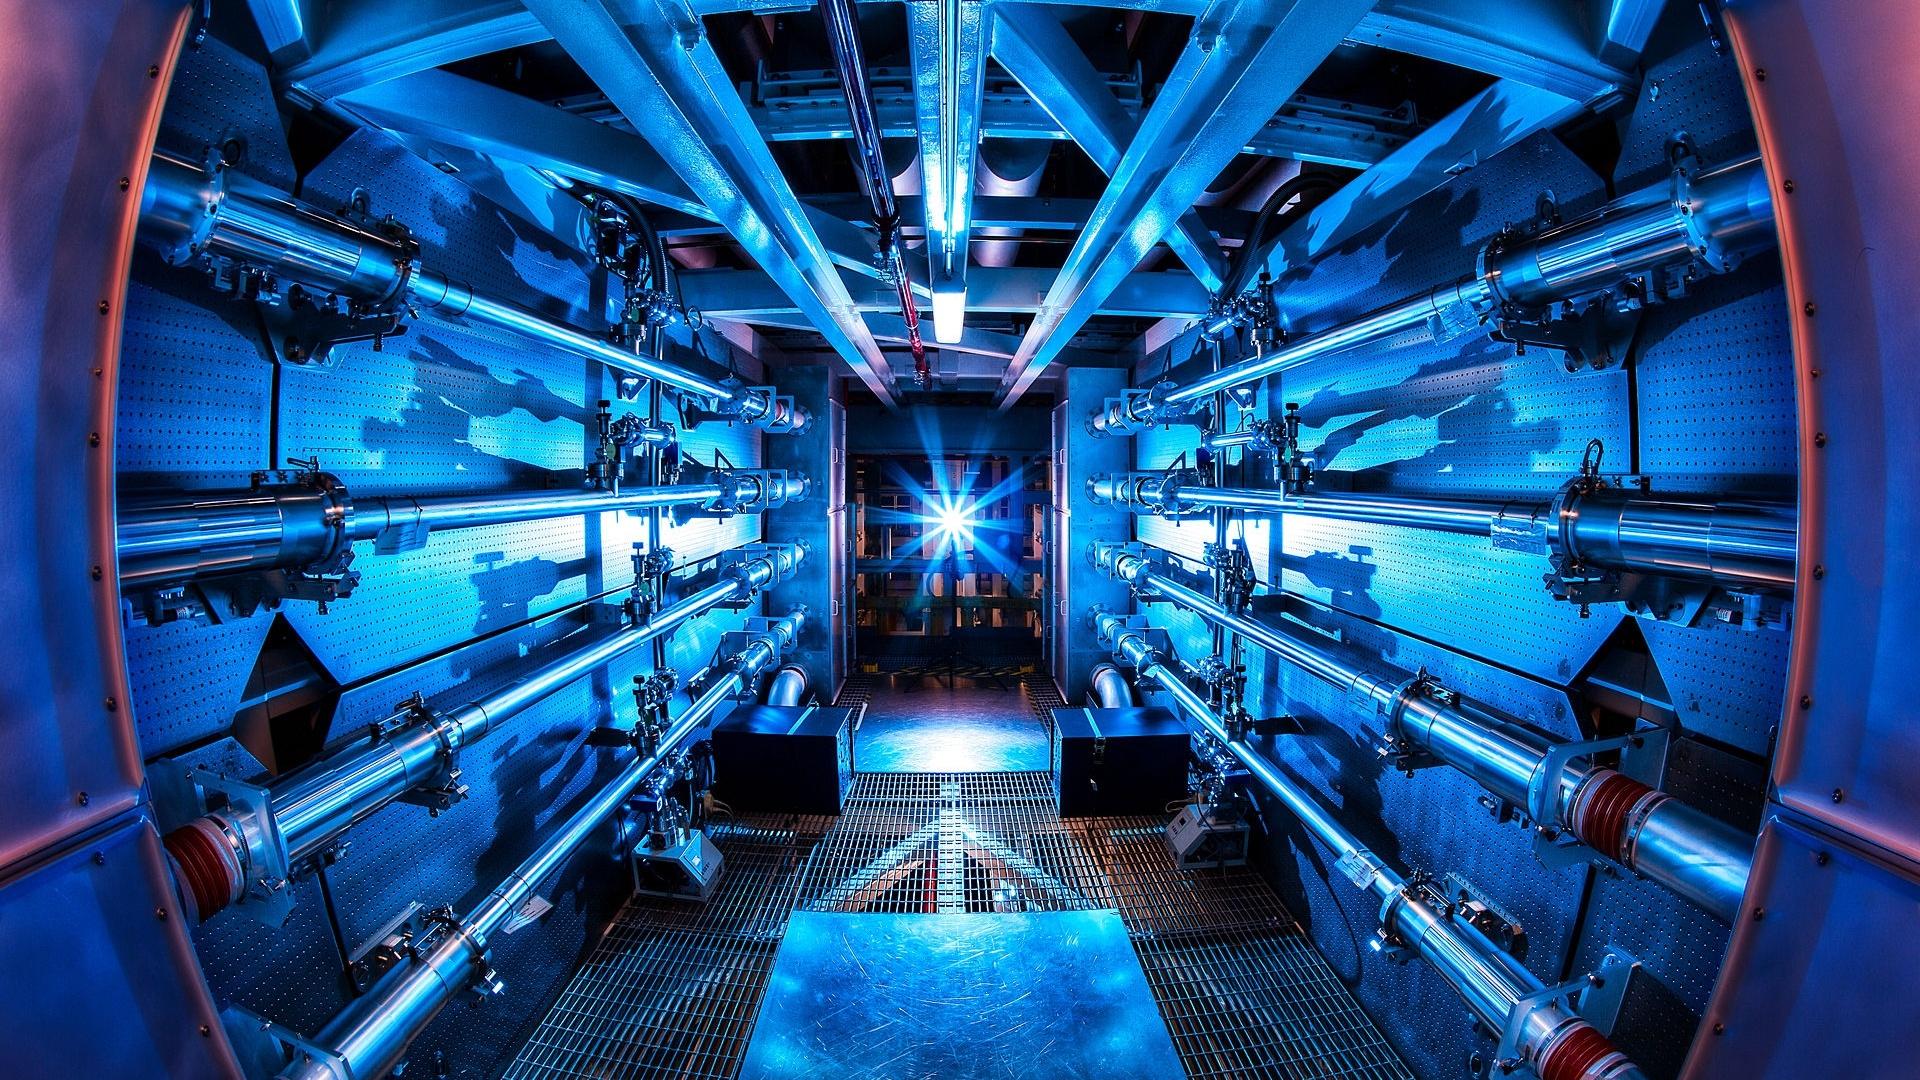 Giấc mơ sản xuất điện năng từ Mặt Trời nhân tạo